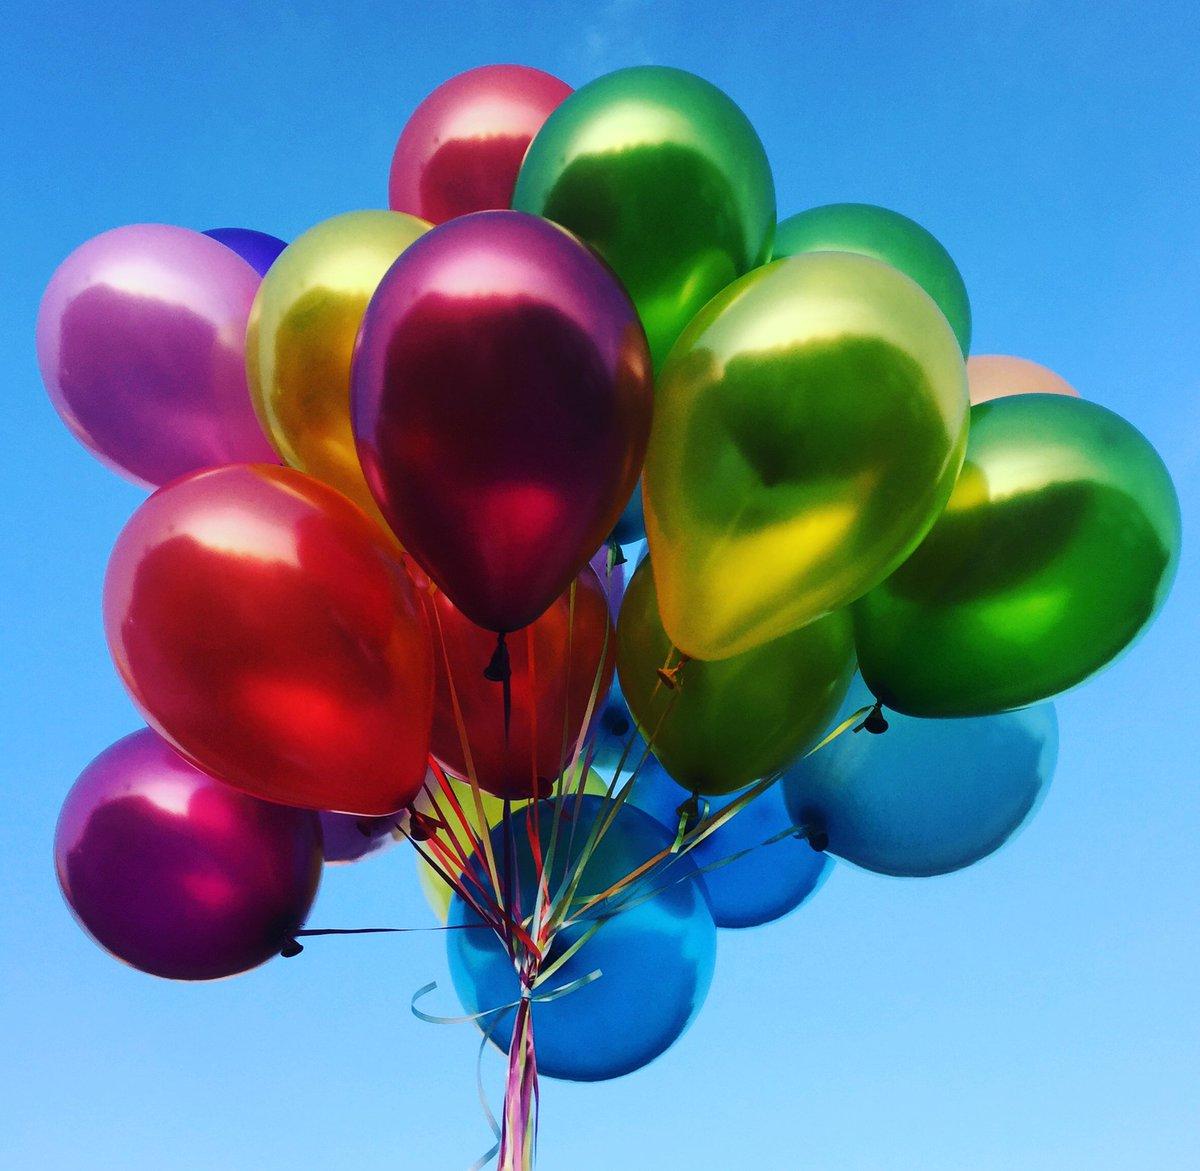 Воздушный шарик фото картинка